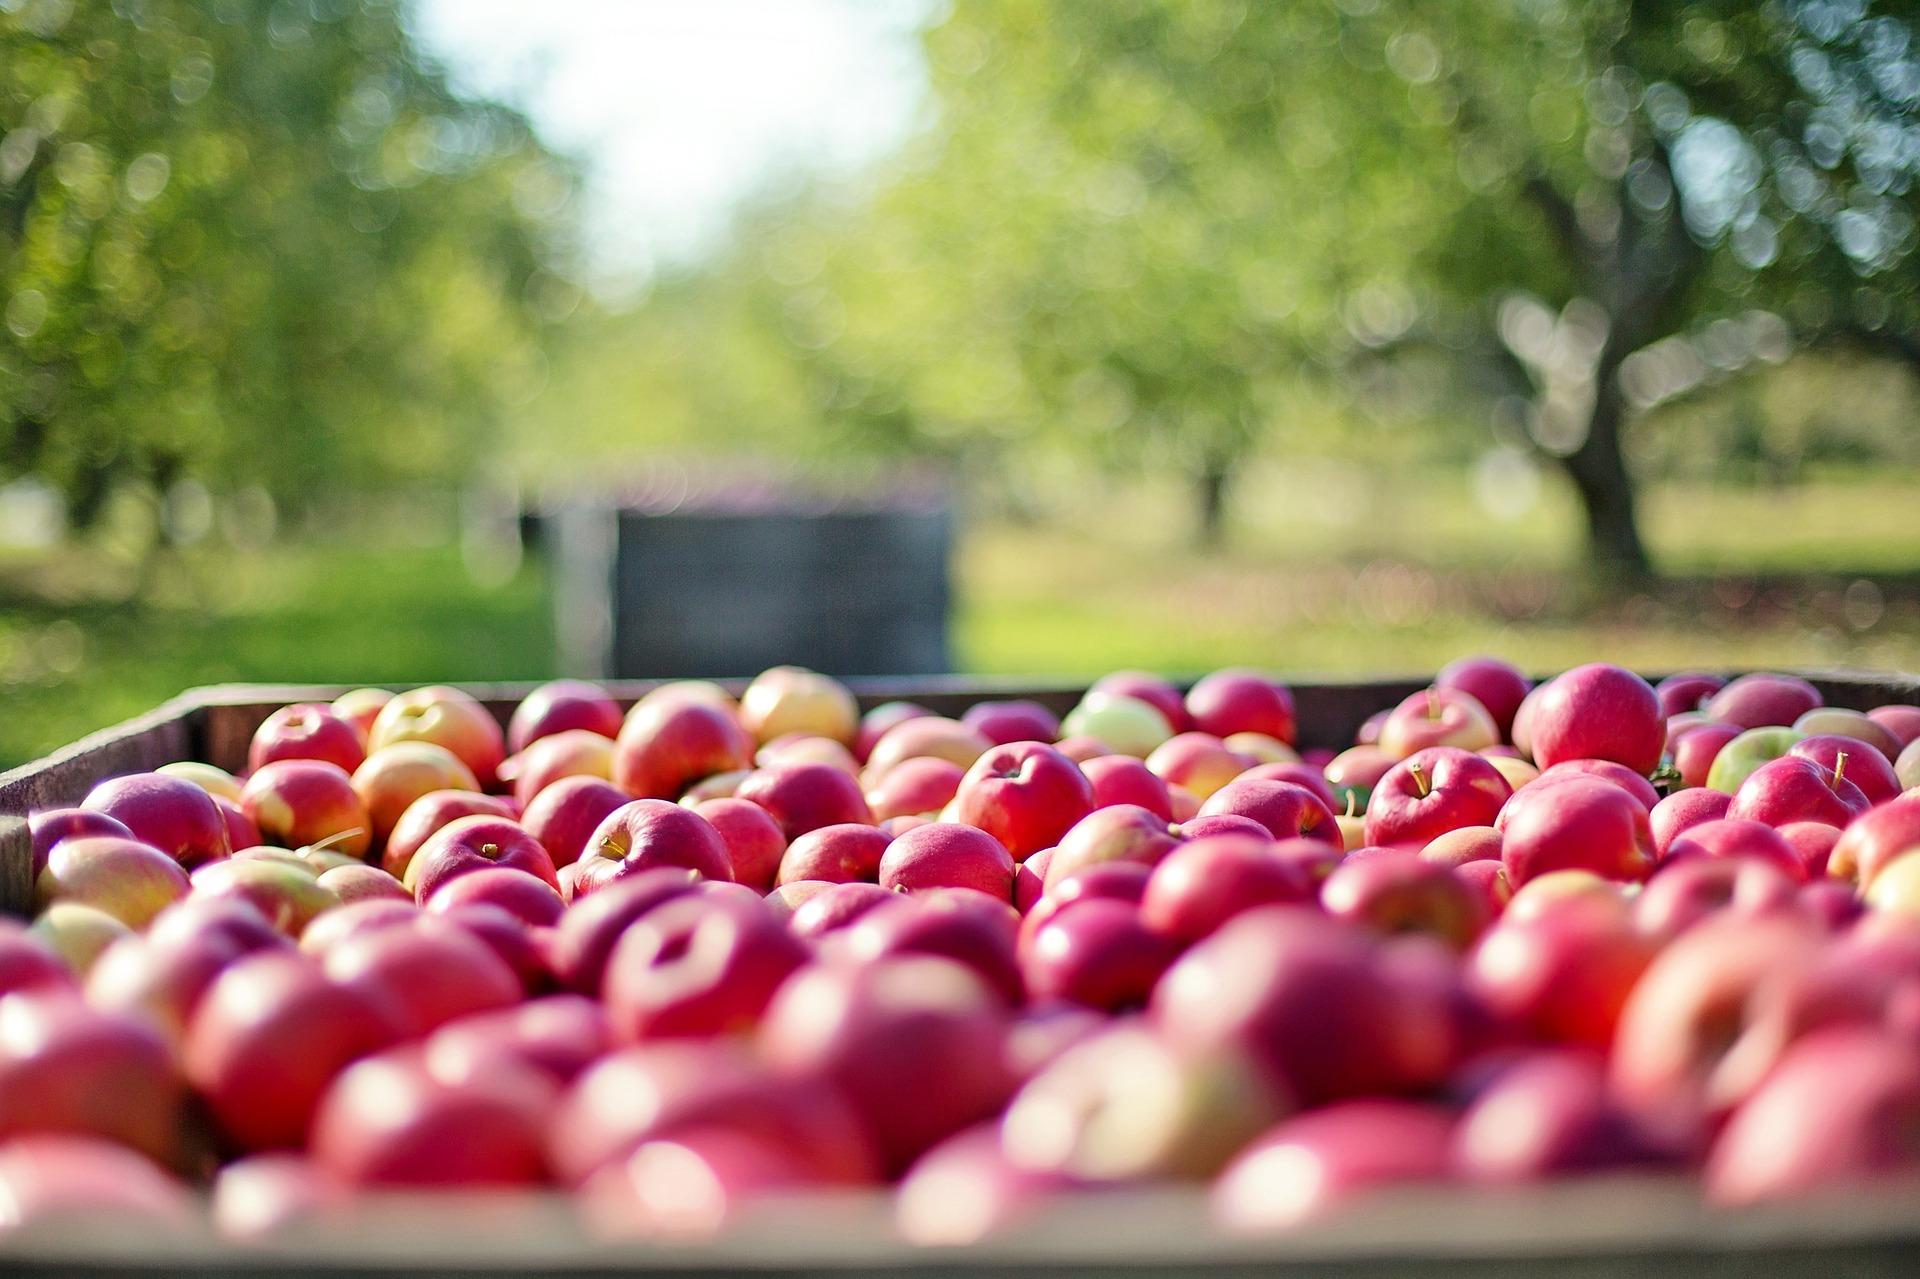 Jablka ve speciálních boxech v ZD Dolany vydrží čerstvá i několik let (ilustrační foto)